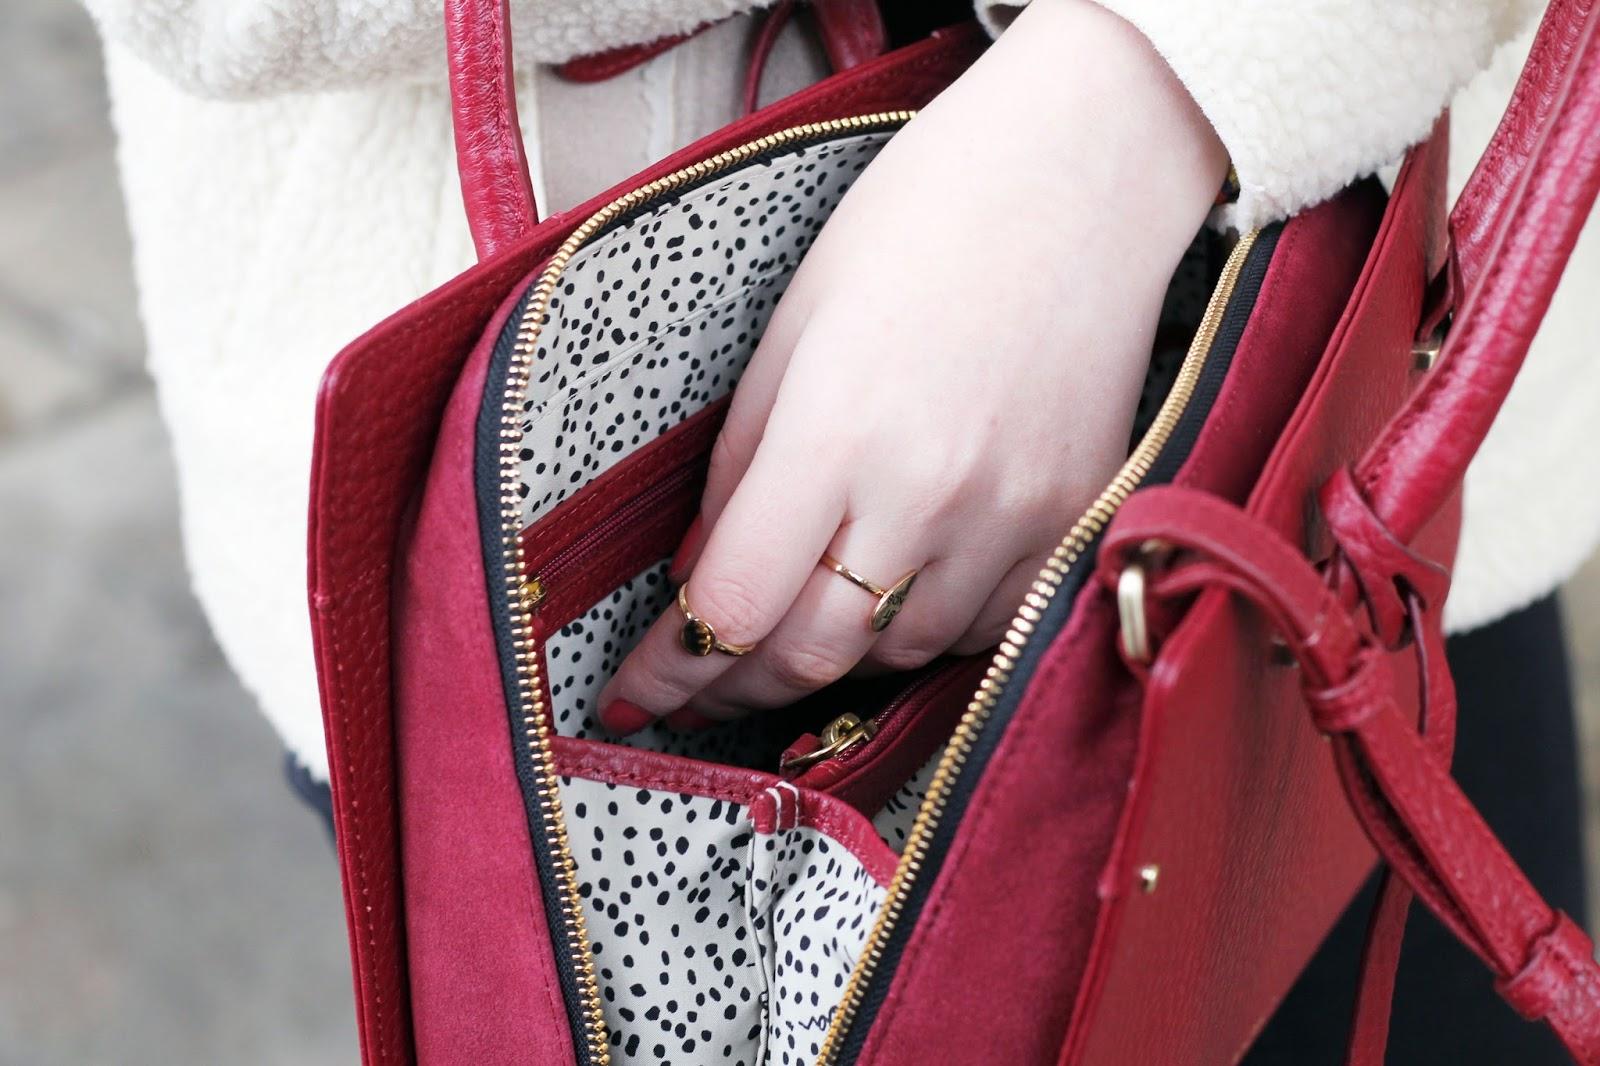 Bradley handbag interior